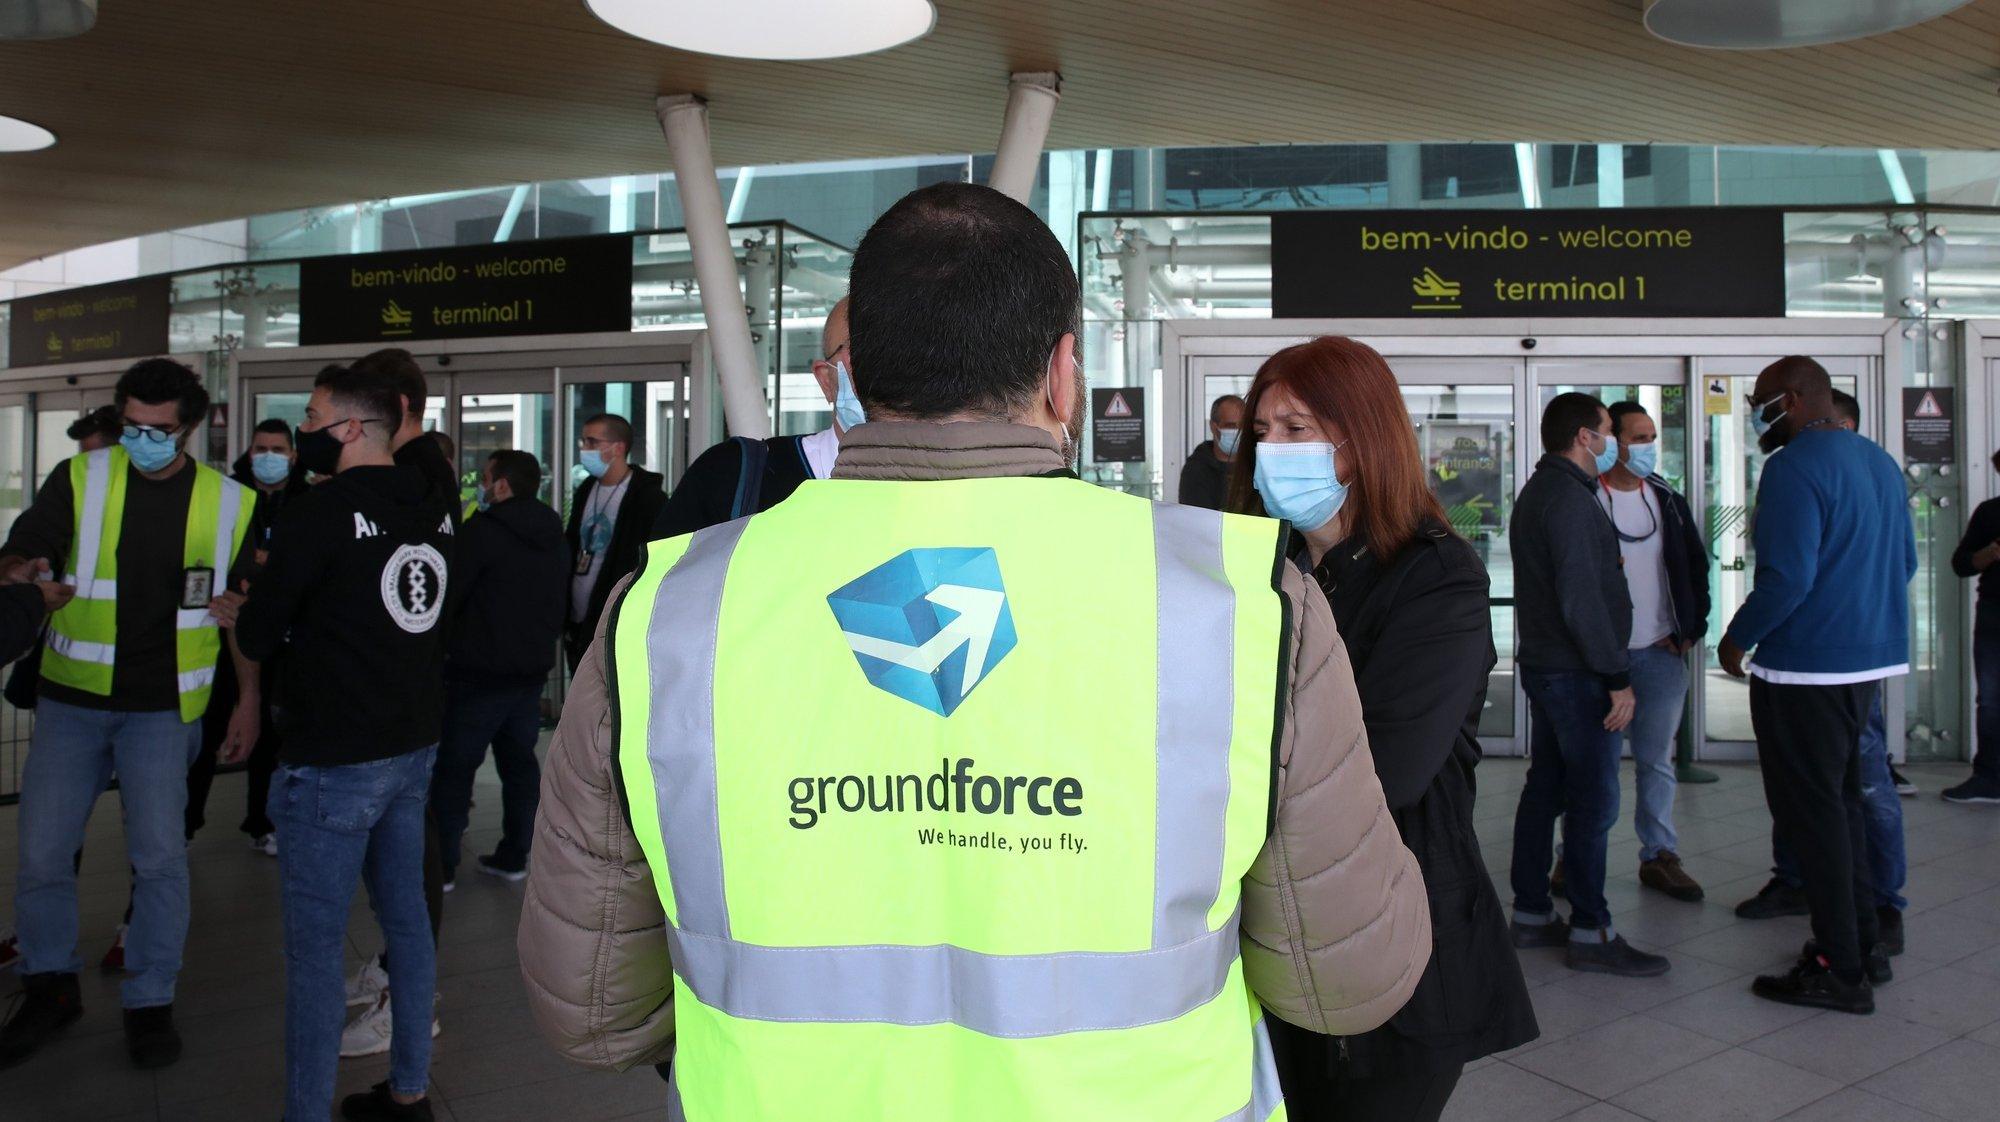 Manifestação de trabalhadores da SPdH/Groundforce, organizada pelo movimento SOS handling, em protesto pelo não pagamento de salários e despedimentos anunciados 02 de março de 2021, junto à entrada da estação do Aeroporto do Metropolitano de Lisboa.   MANUEL DE ALMEIDA/LUSA